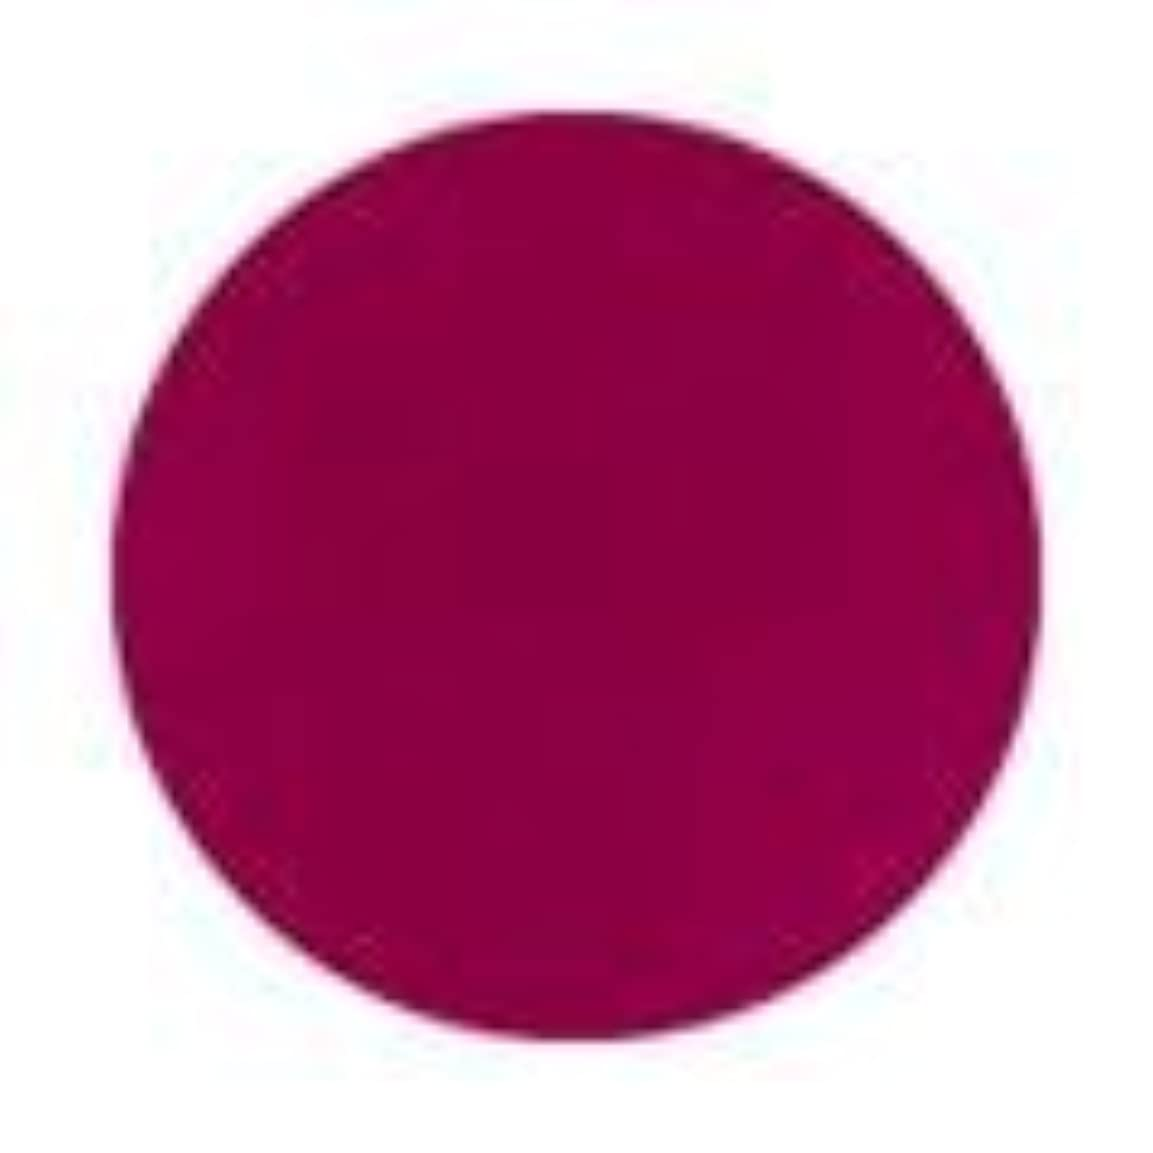 セグメント差別明確なJessica ジェレレーション カラー 15ml  636 ゴージャスガーターベルト